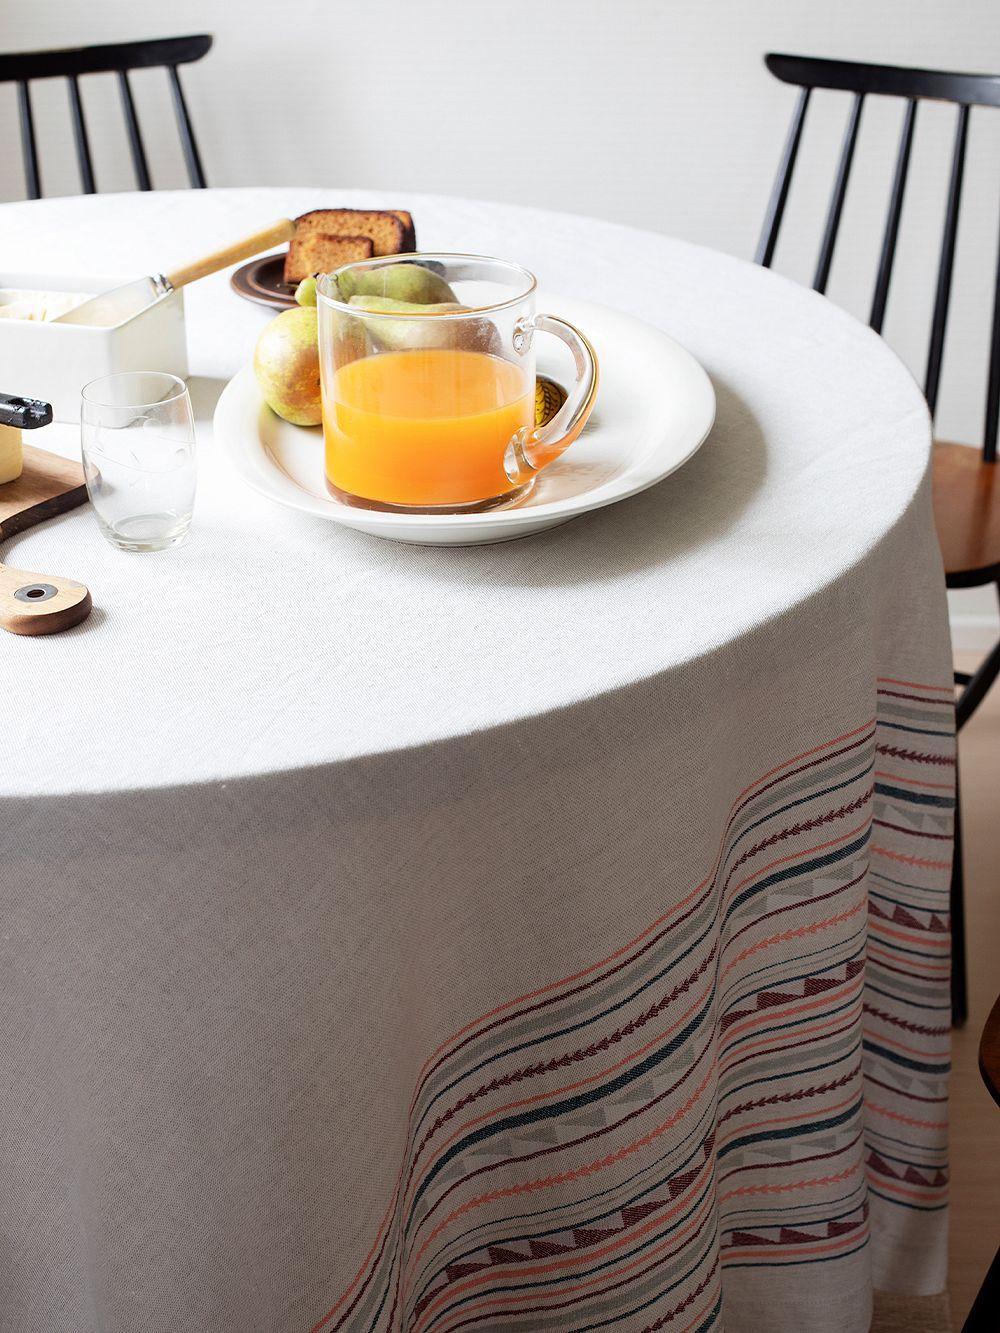 Lapuan Kankurit Watamu tablecloth/throw, 150 x 260 cm, grey - bordeaux